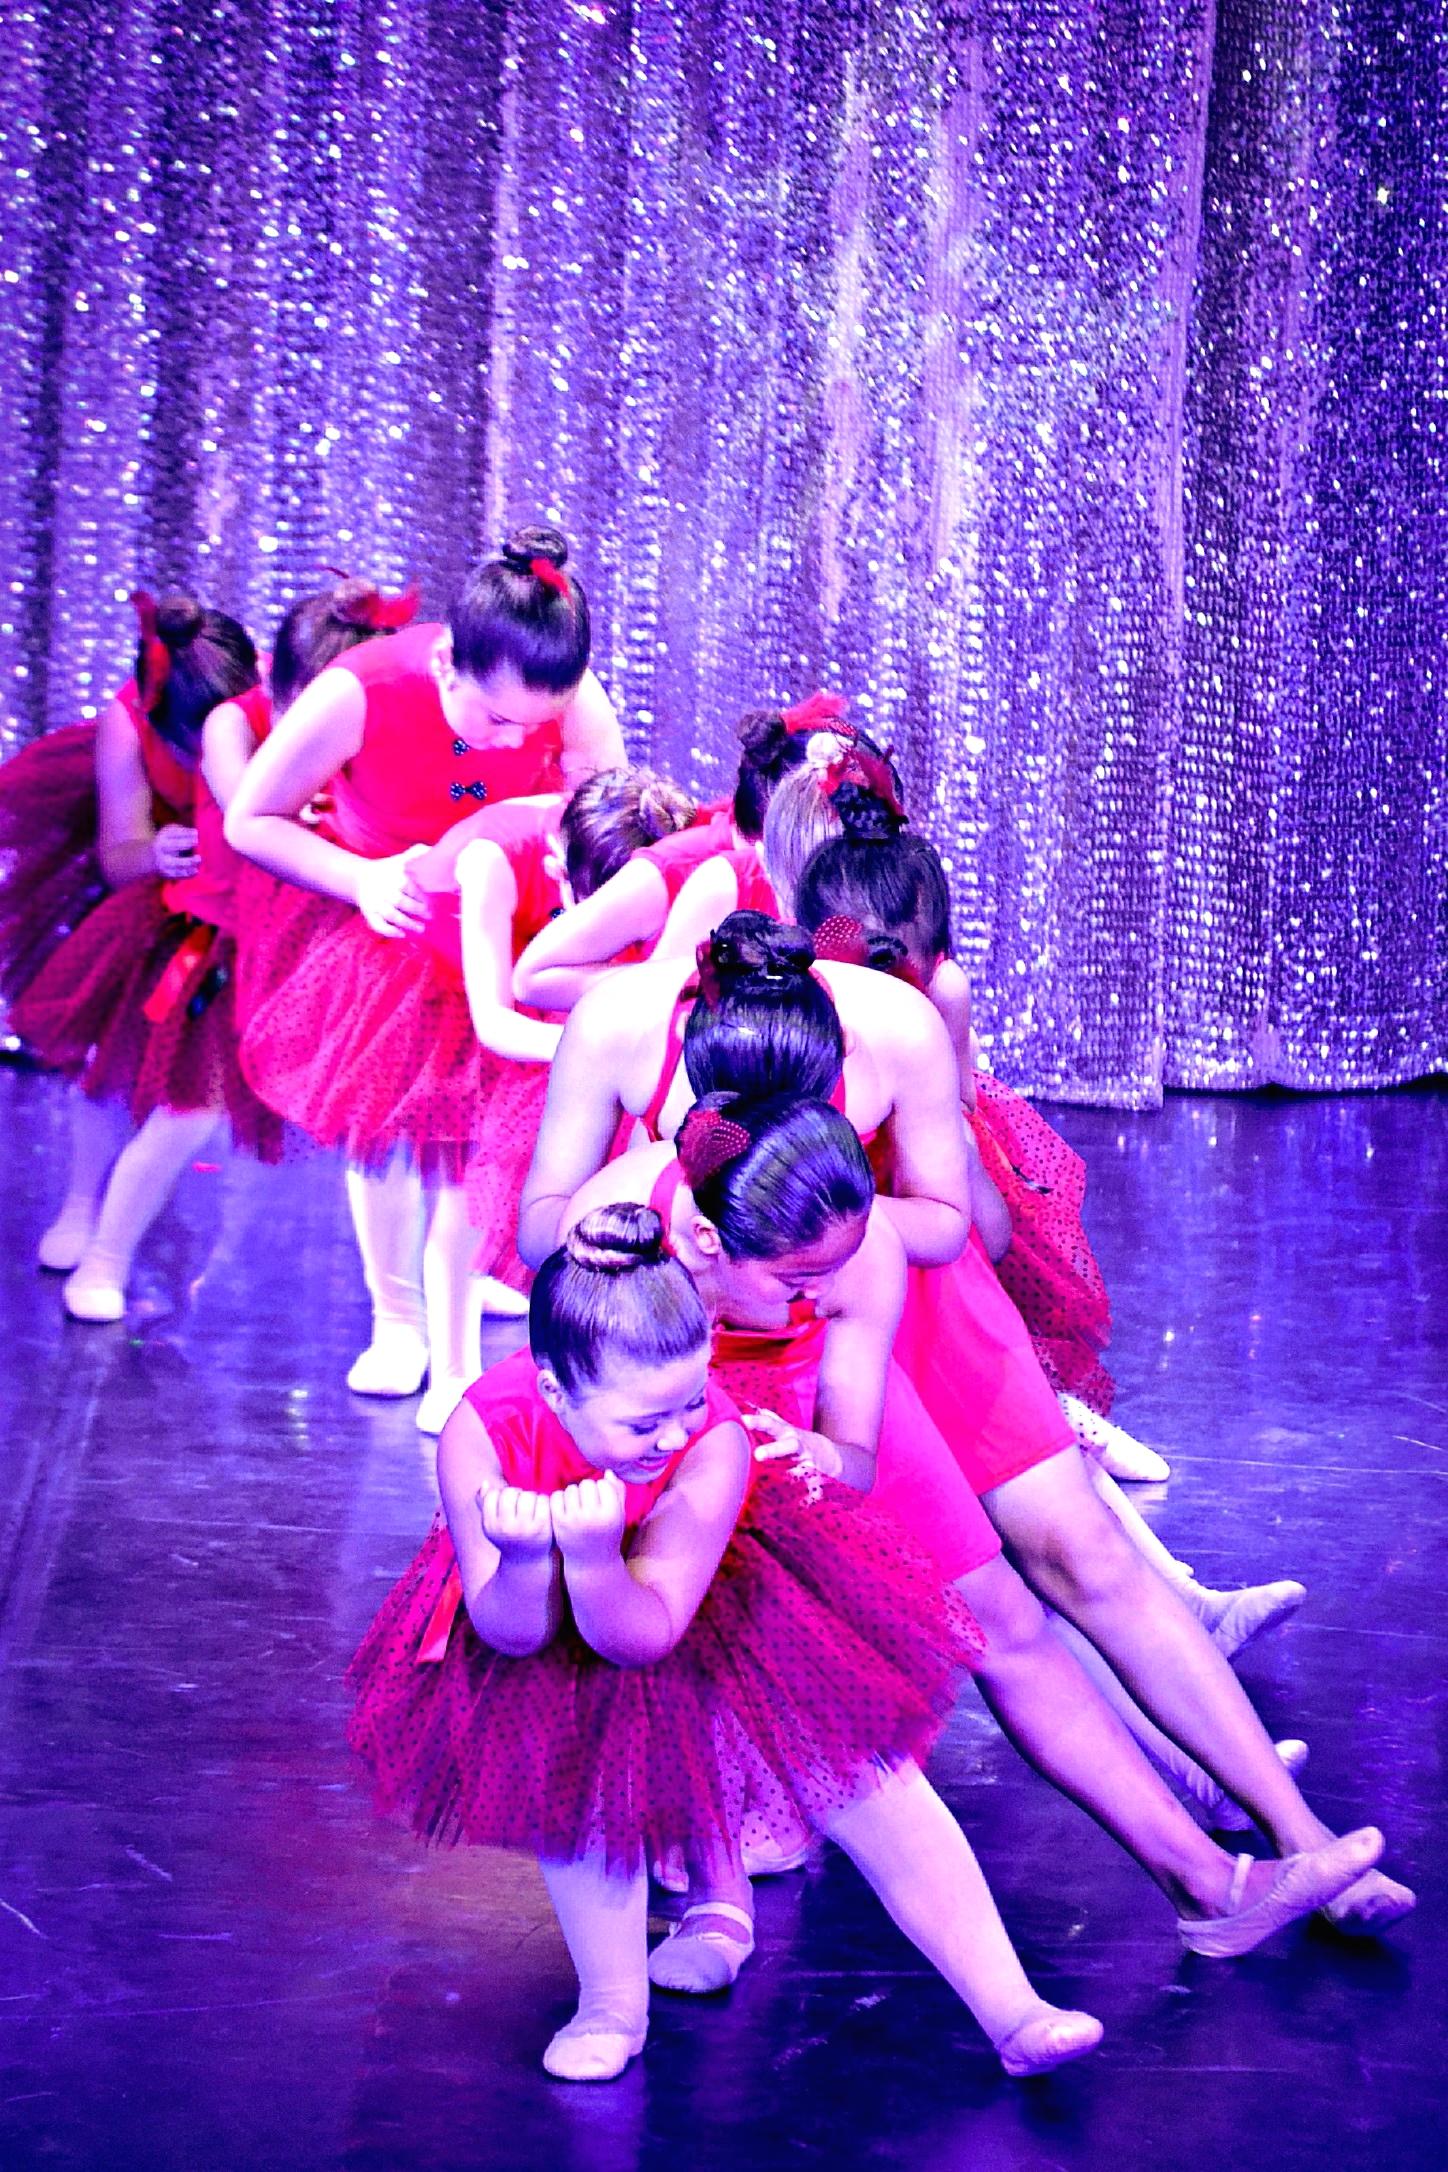 Linea-de-Baile-festival-verano-2015-clases-de-baile-valencia-100